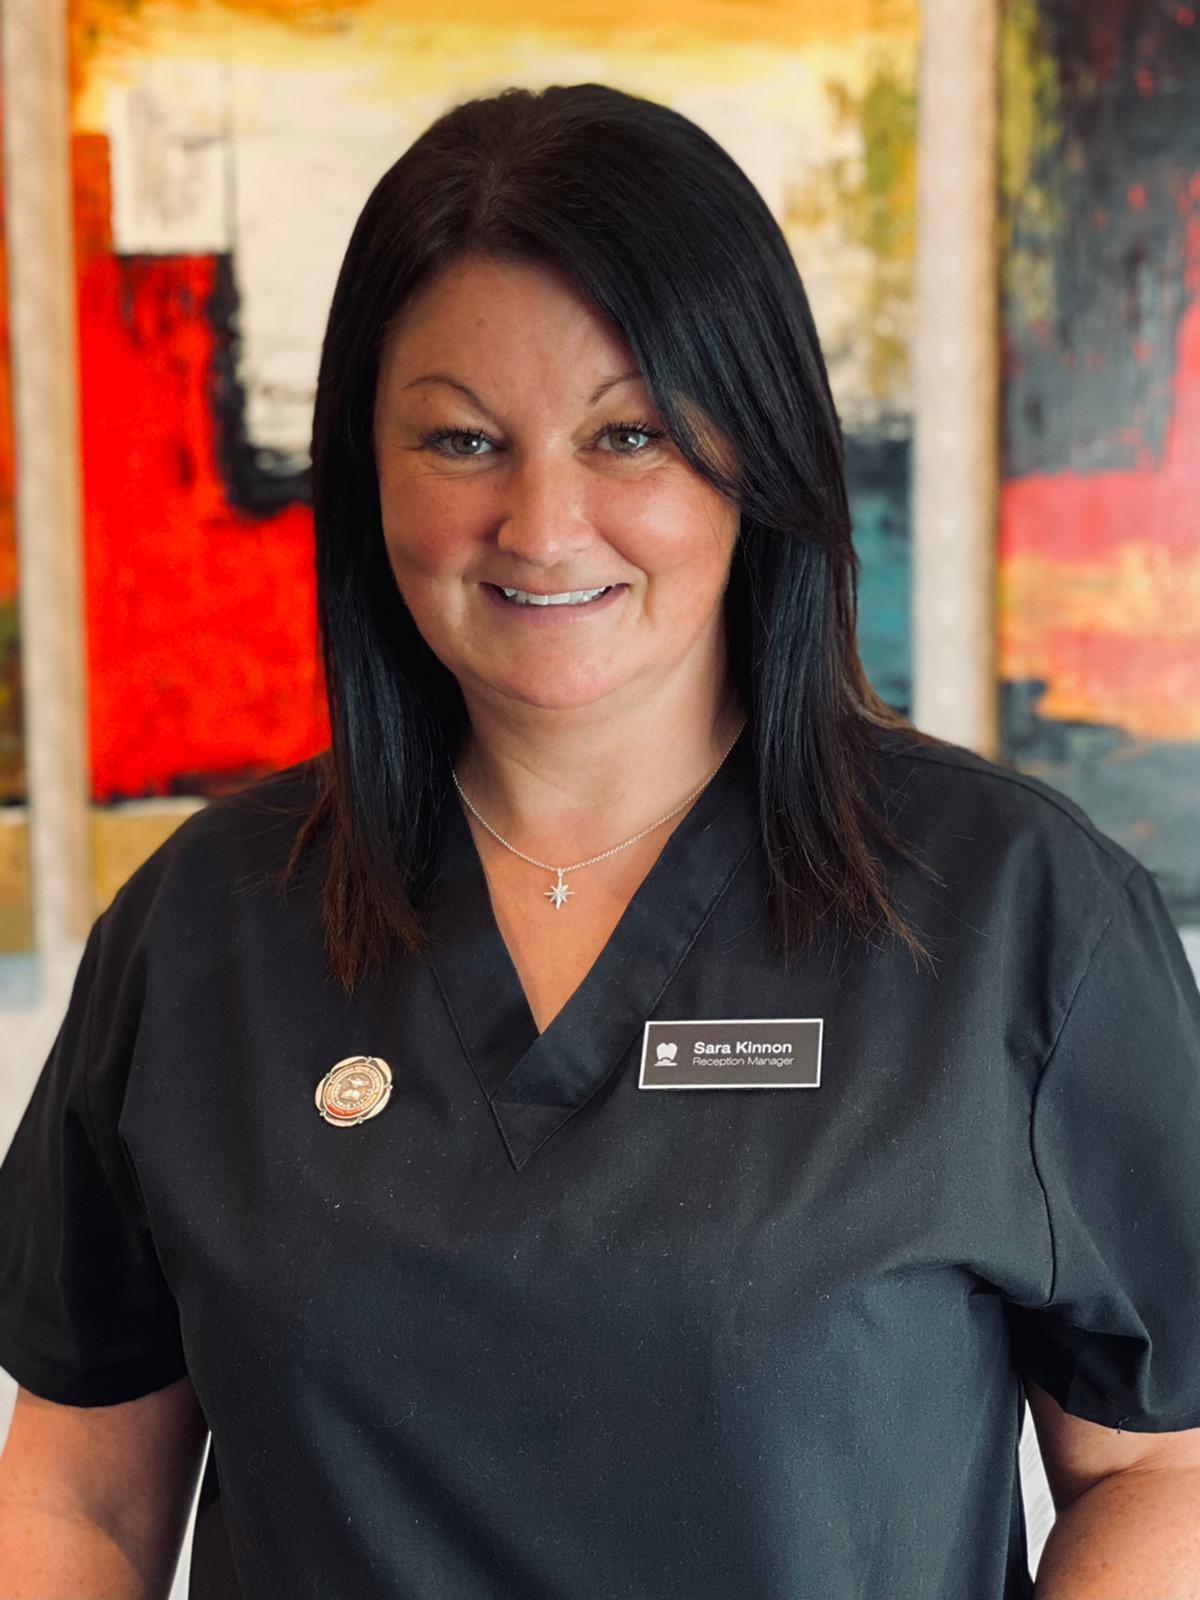 Sara Kinnon